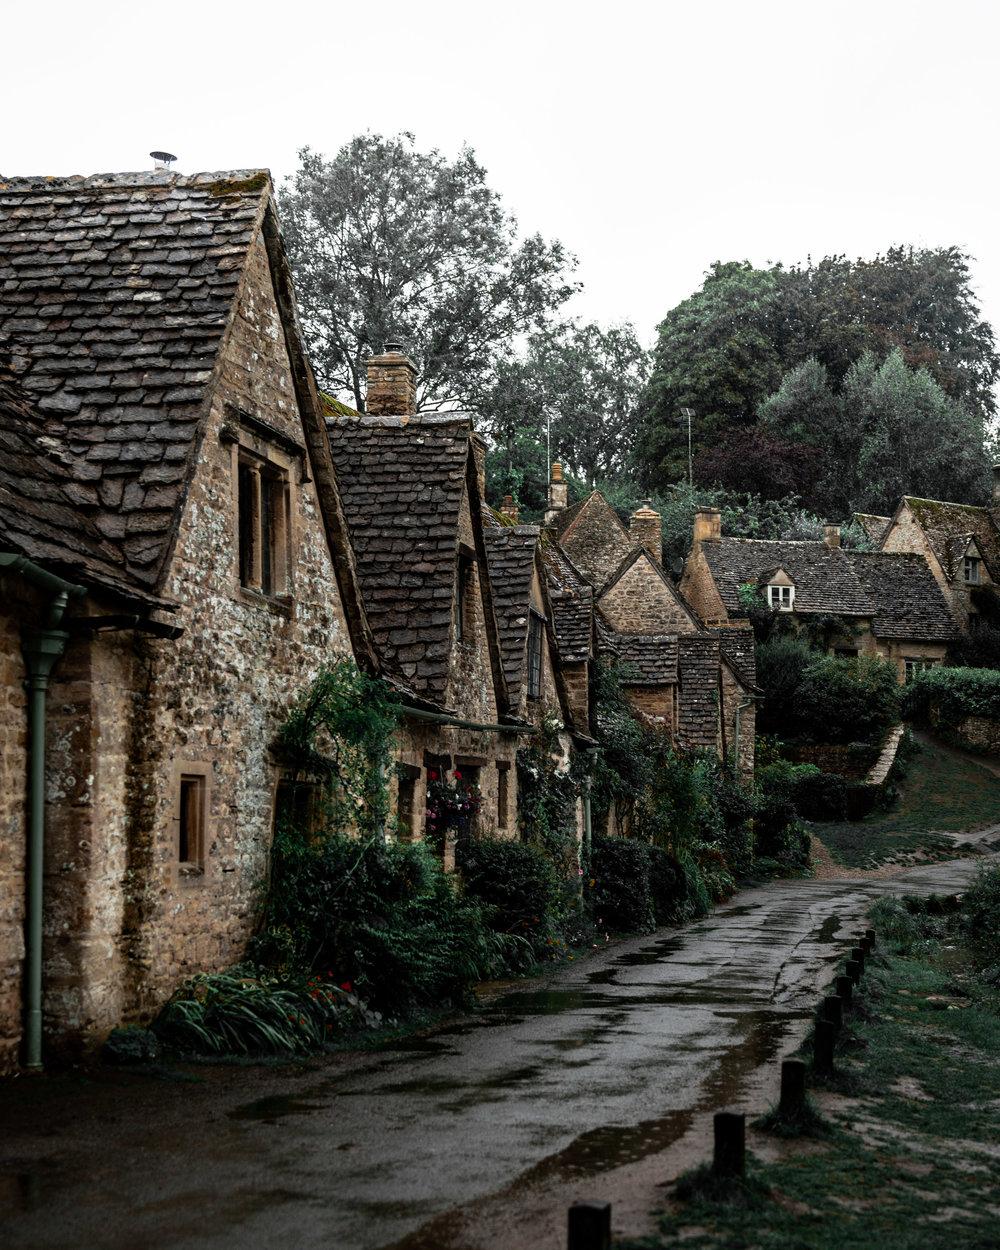 Arlington Row, Bibury, Gloucestershire